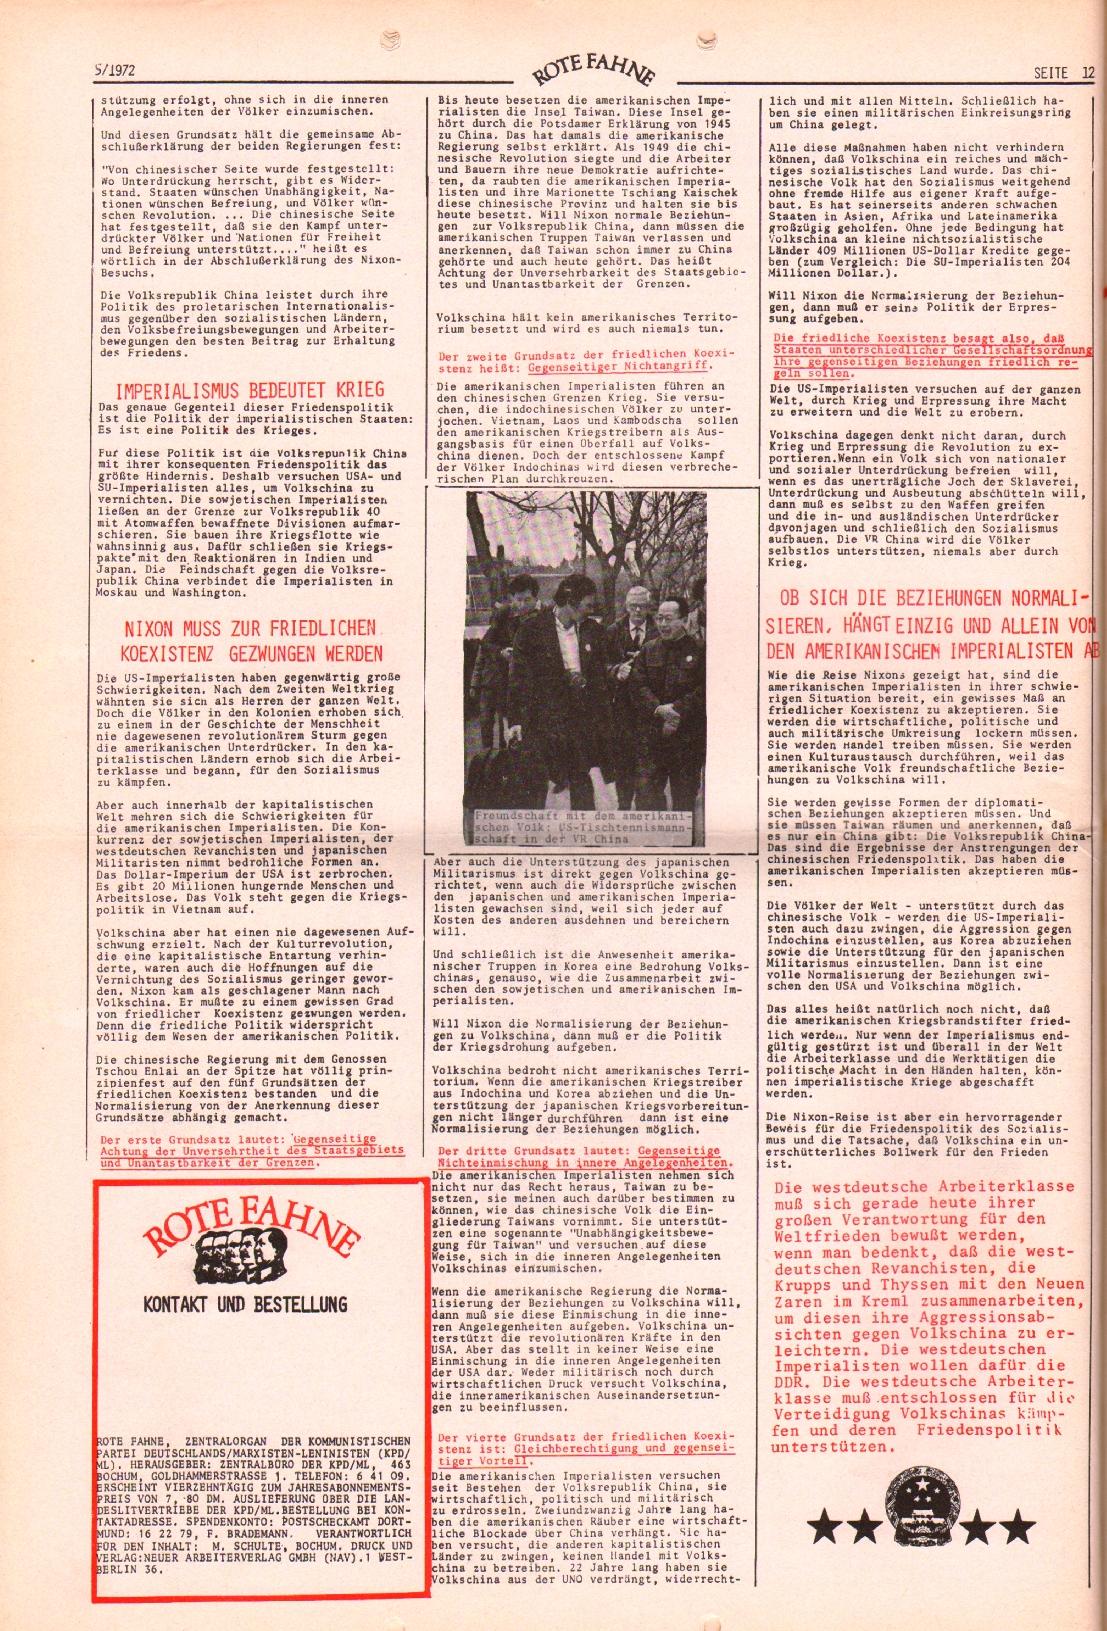 Rote Fahne, 3. Jg., 6.3.1972, Nr. 5, Seite 12